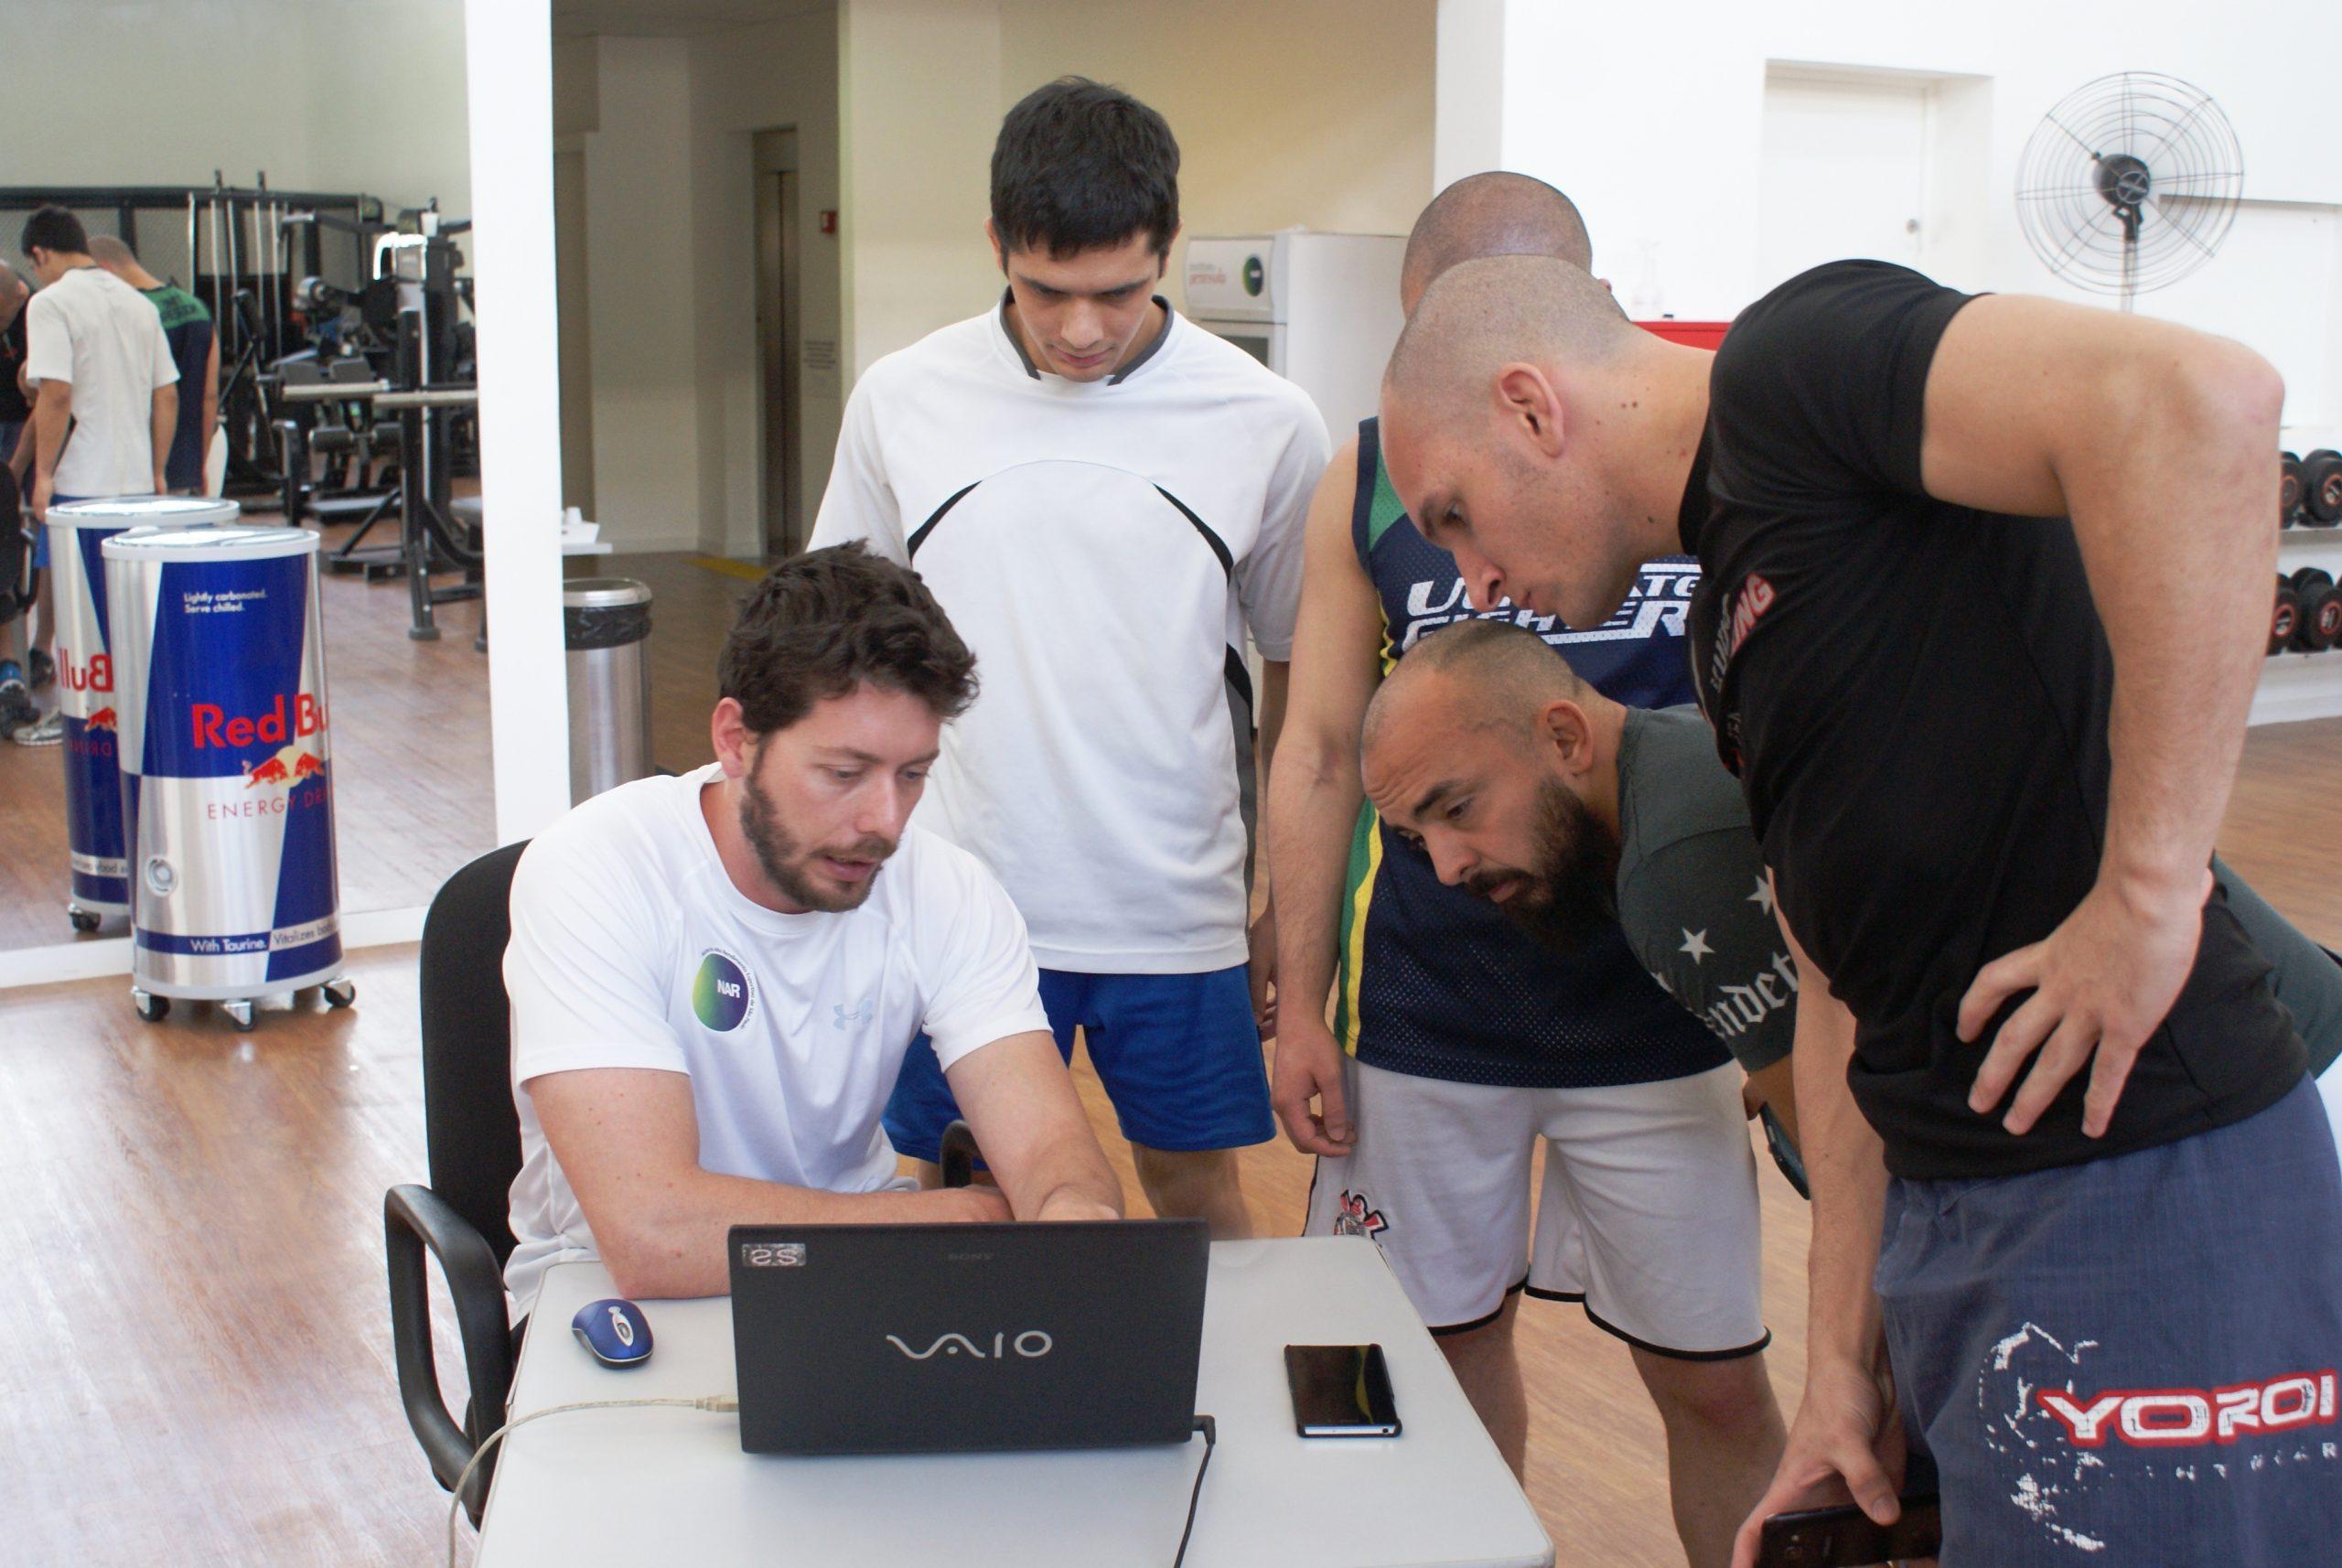 Kudo Wrestling Team participa de avaliações no NAR